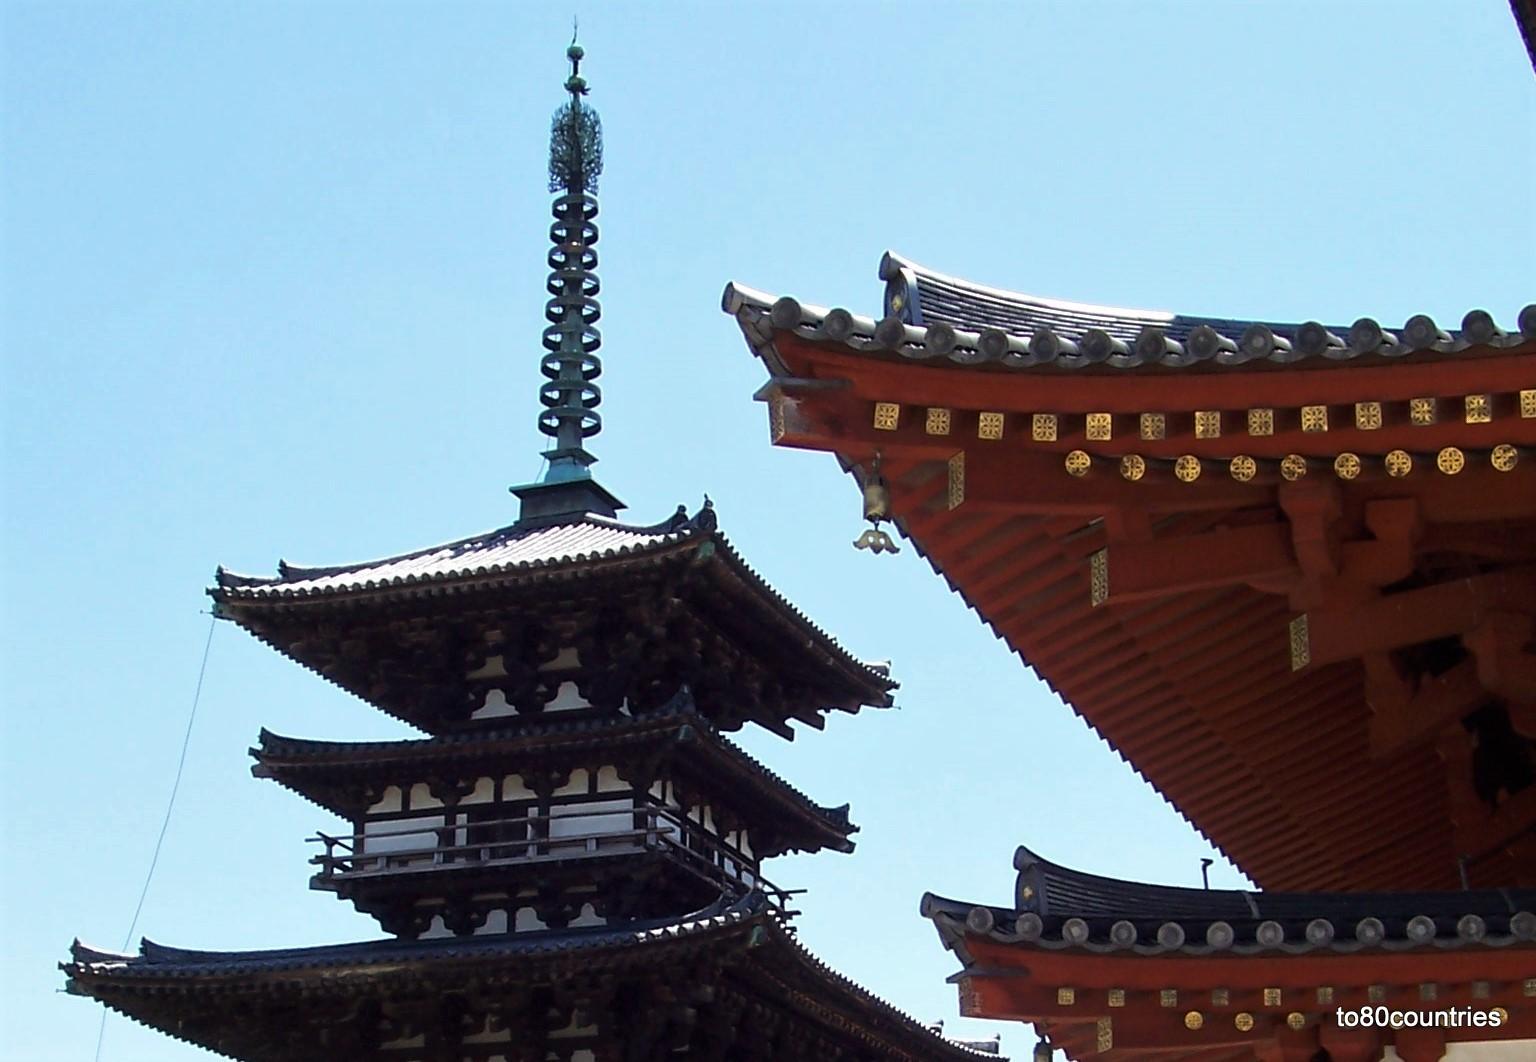 Östliche Pagode des Yakushi-ji Tempel - Nishinokyo - Japan